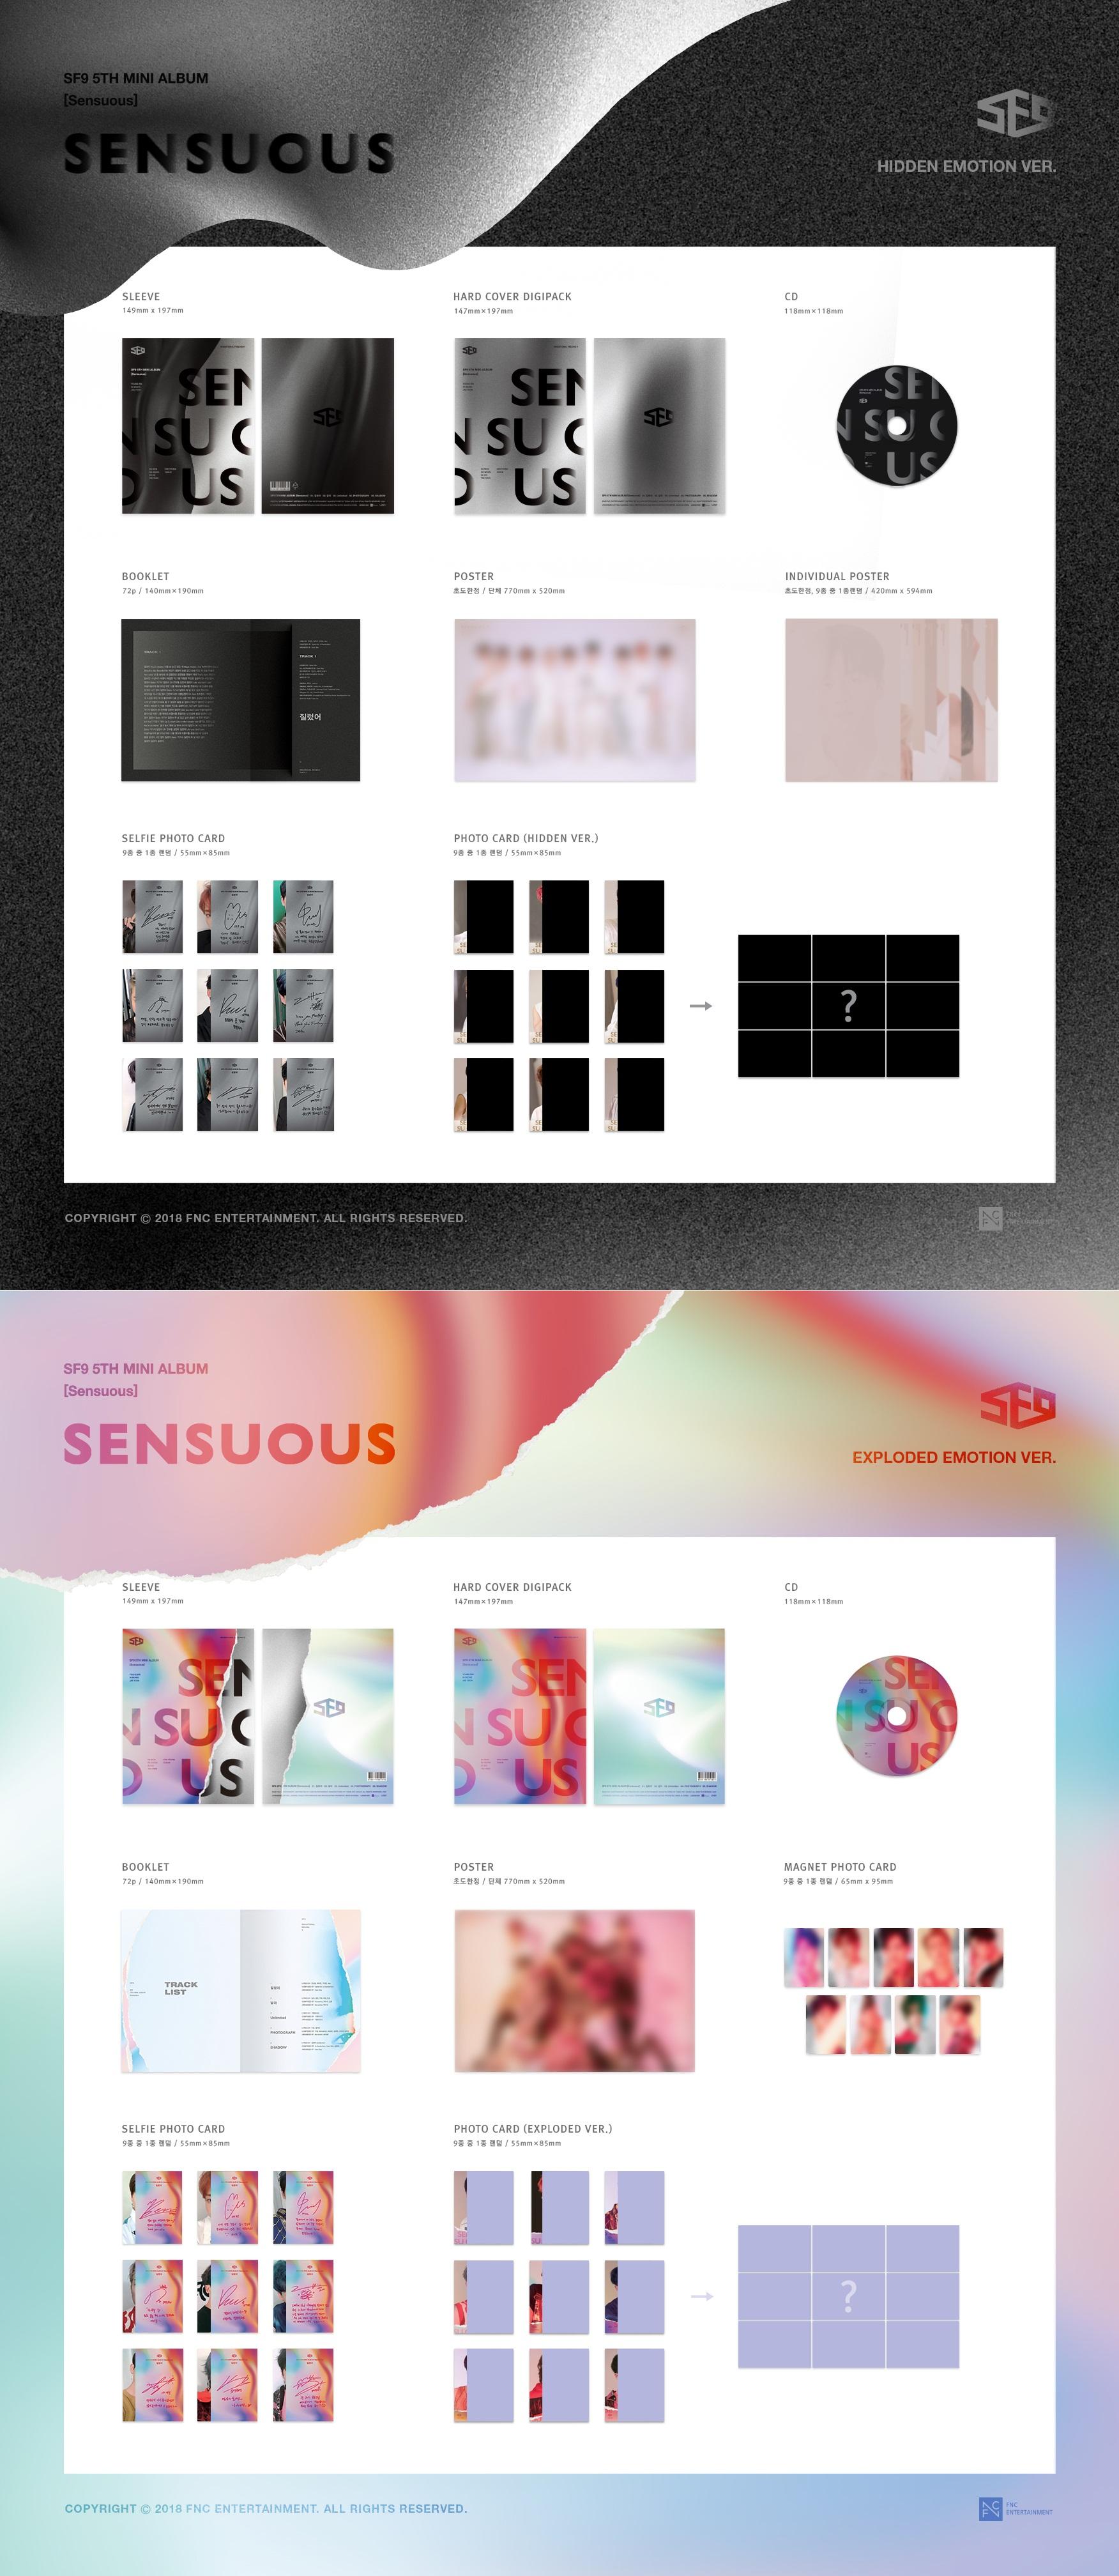 Image result for sf9 sensuous album